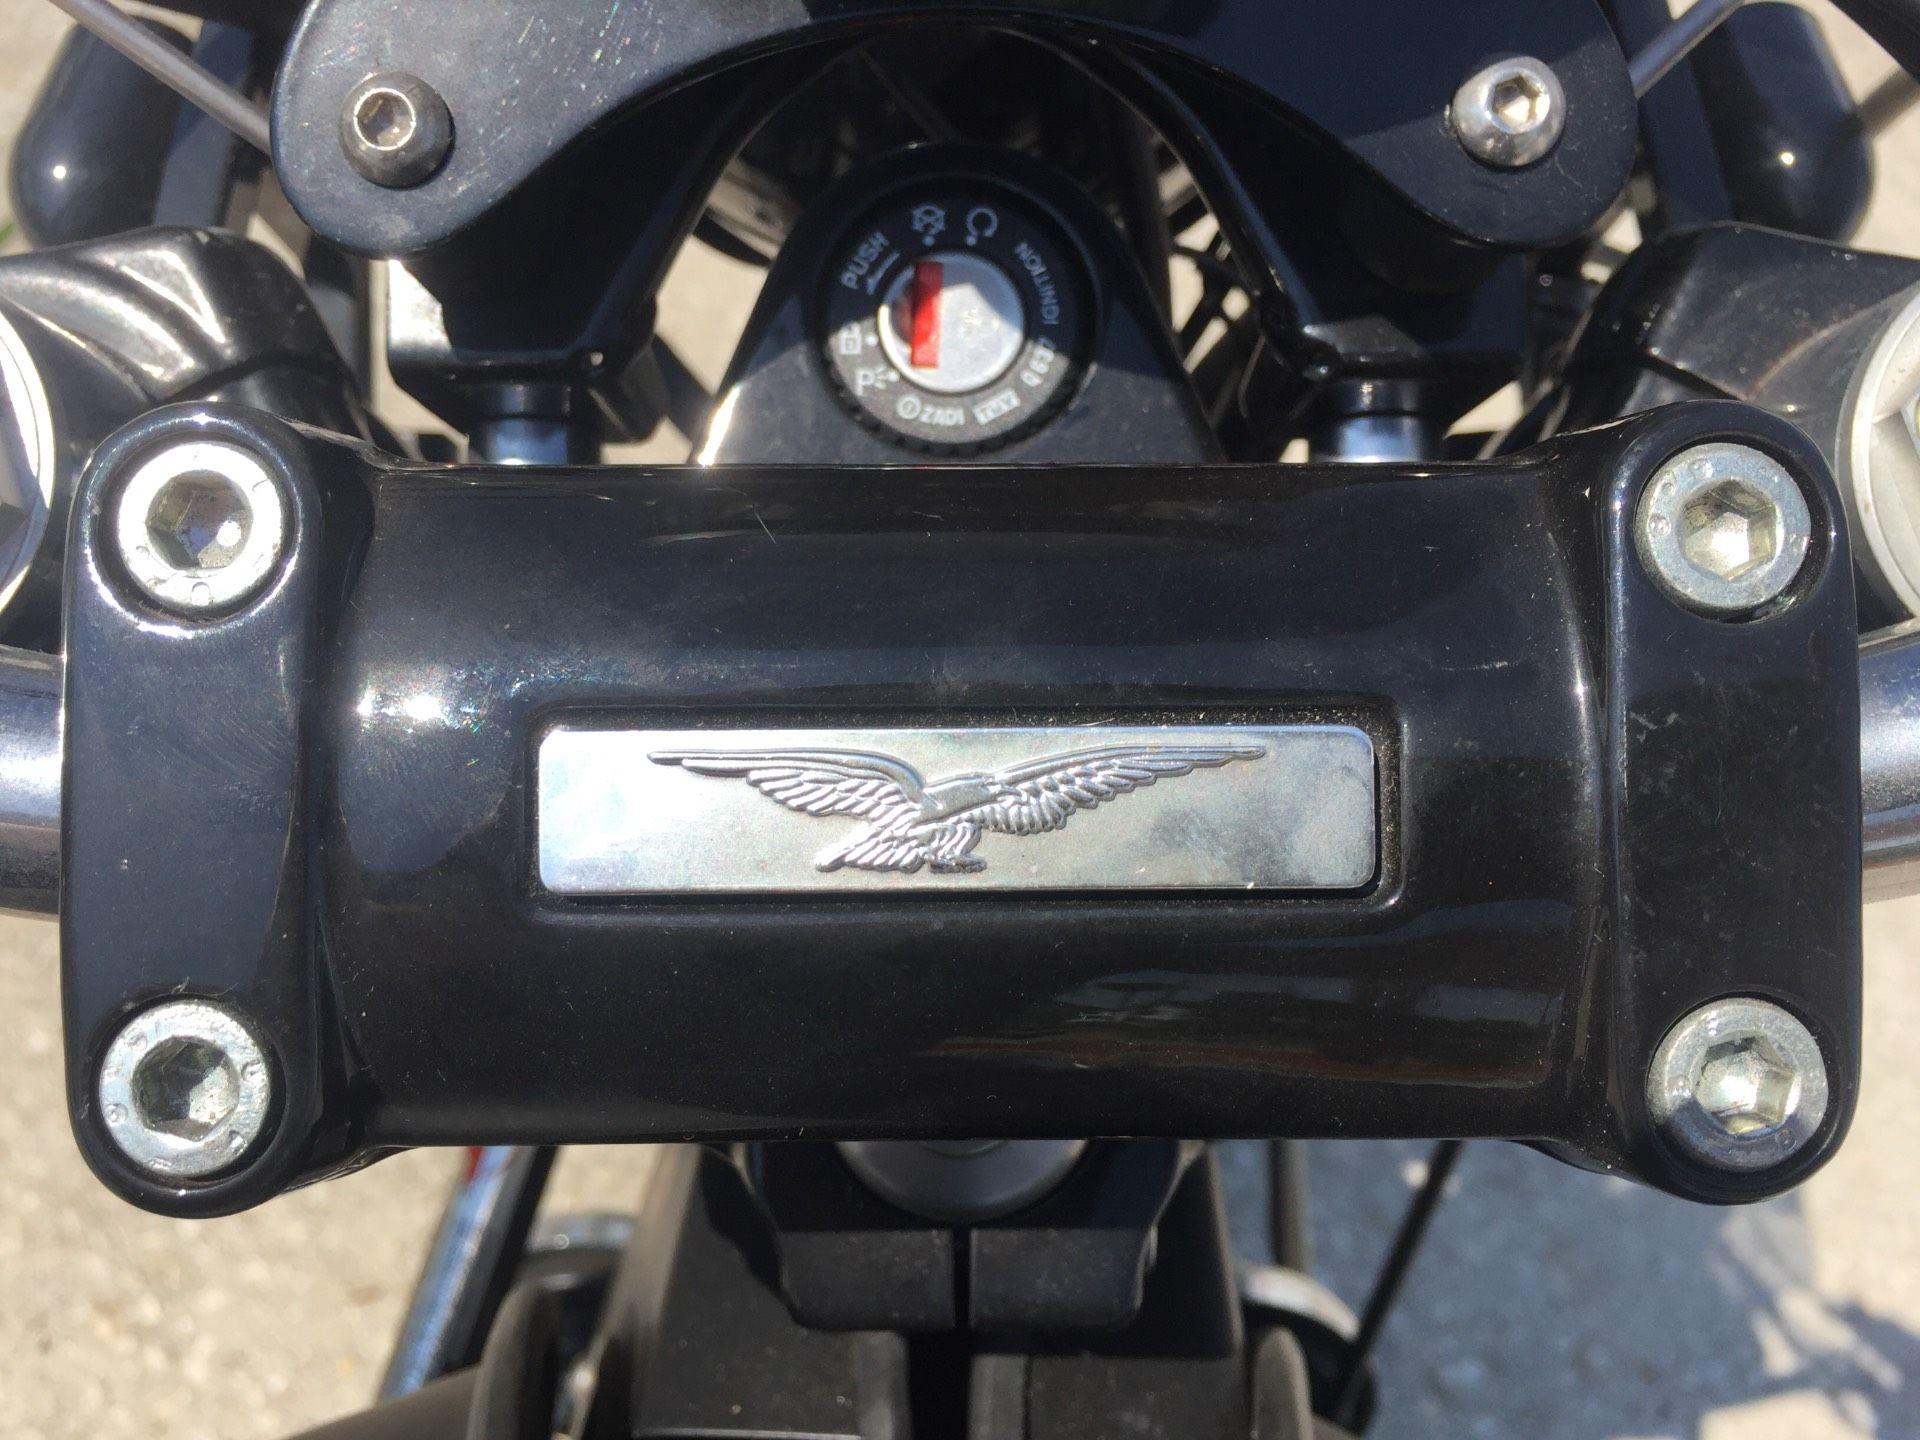 2011 Moto Guzzi California Black Eagle in Daytona Beach, Florida